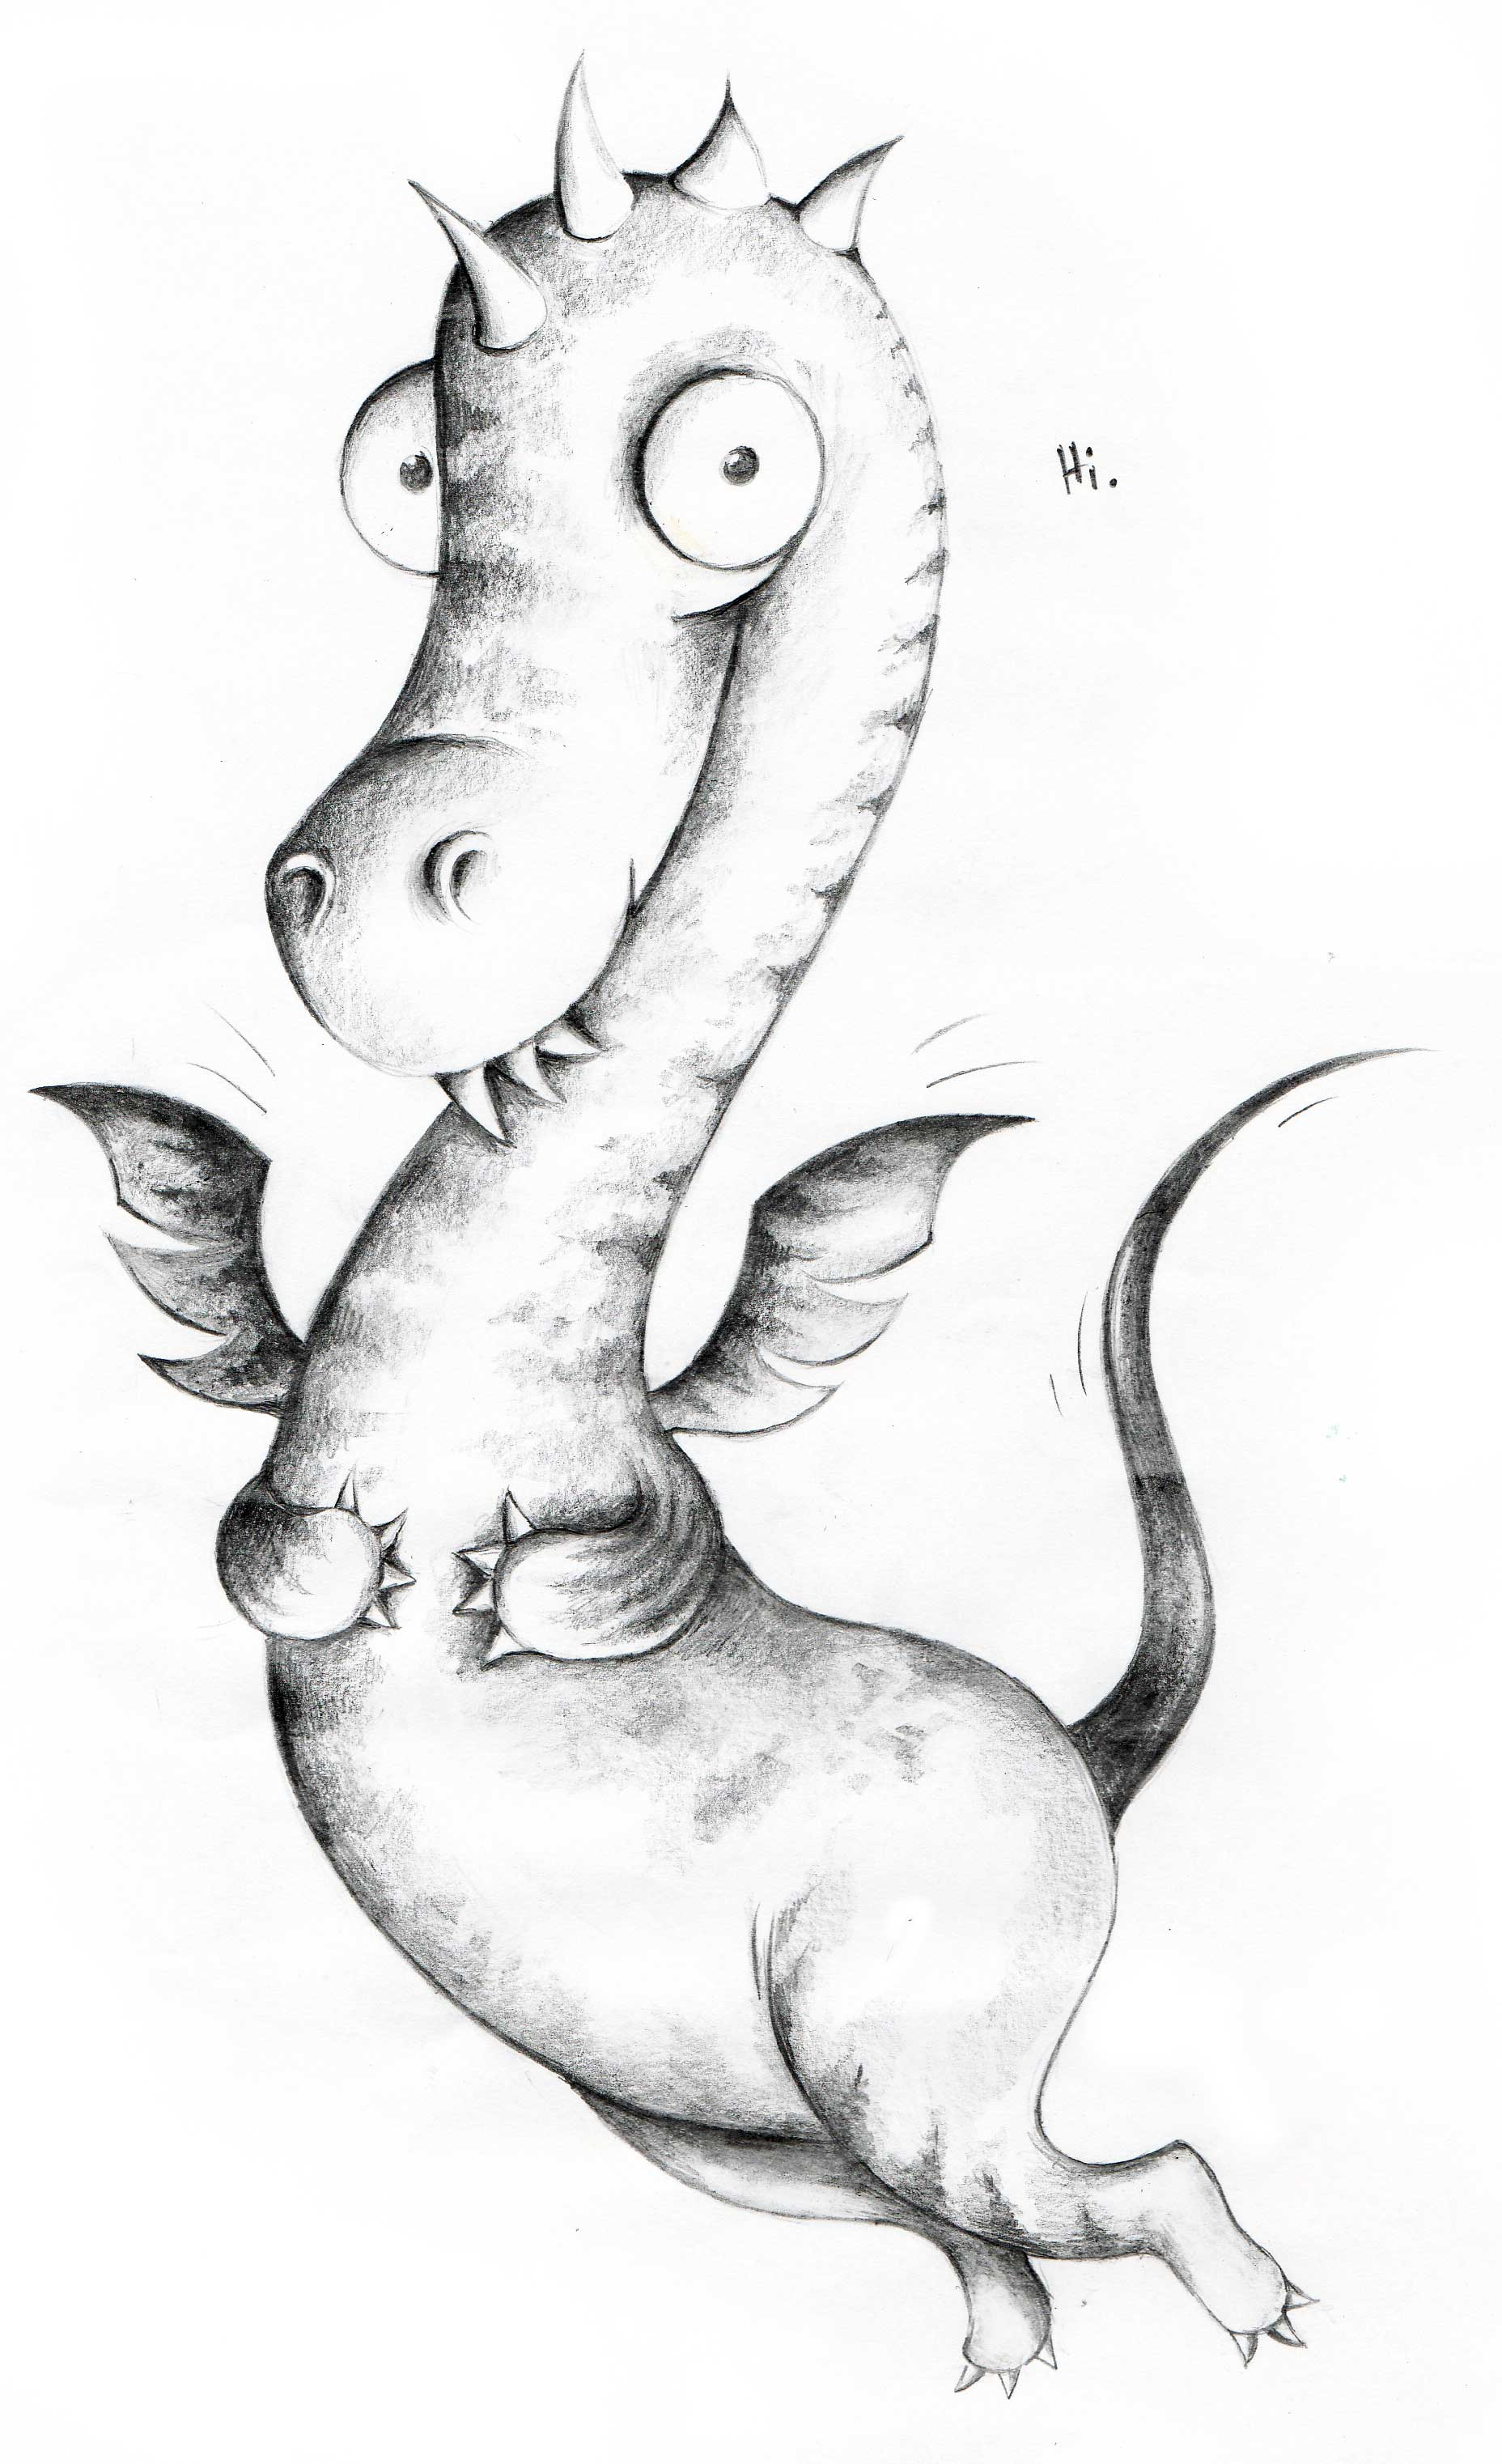 Bleistiftzeichnung kleiner Drache